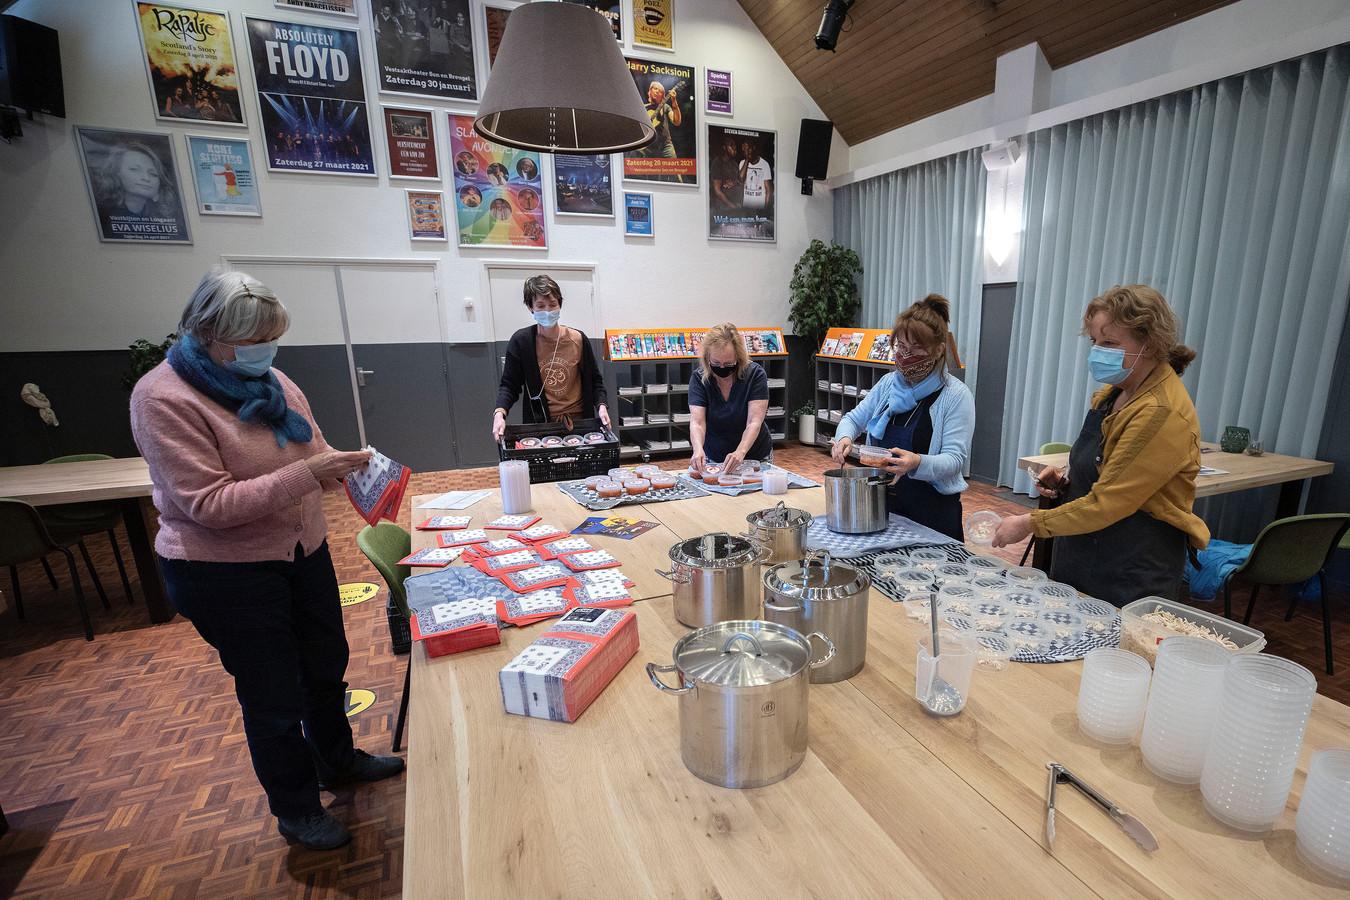 Jacqueline Timp, Evelyn Kreukniet, Wilma Hettelder, Gerda Ural en Rietta van Hoof (v.l.n.r.) maken soep klaar om deze uit te delen aan mensen die wel wat aandacht kunnen gebruiken.